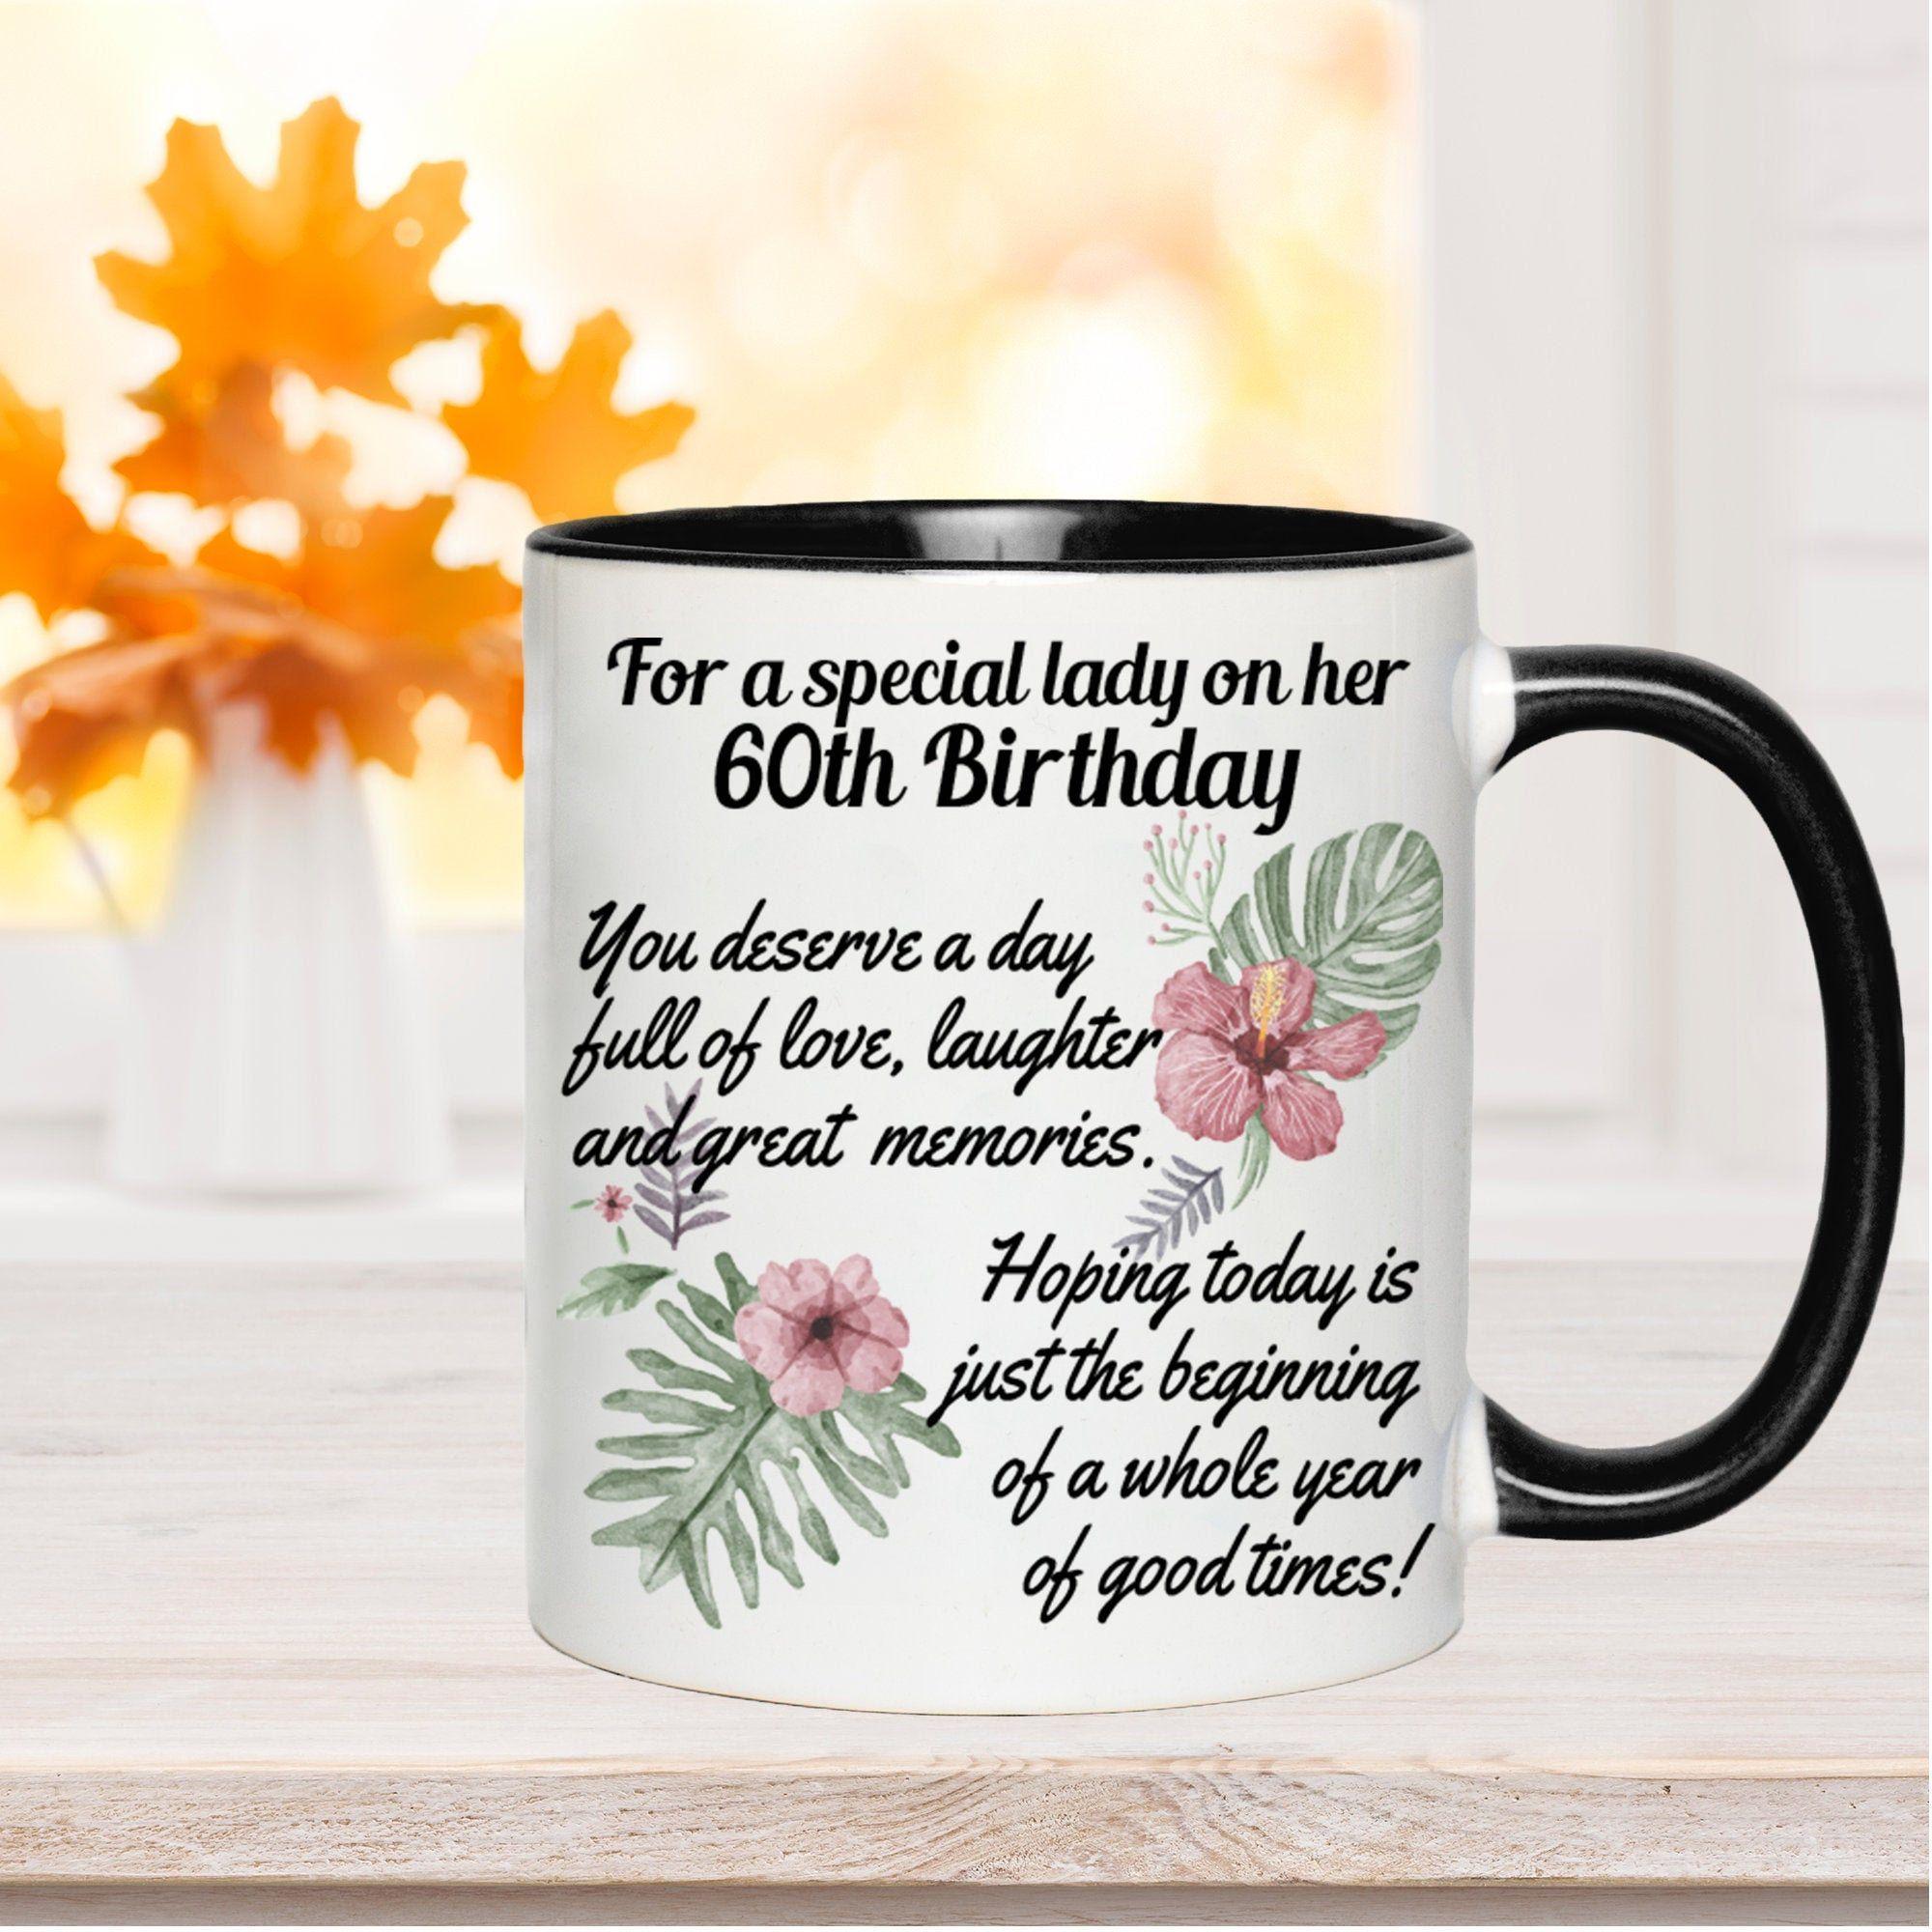 60th birthday gift for women cute 60th mug sentimental